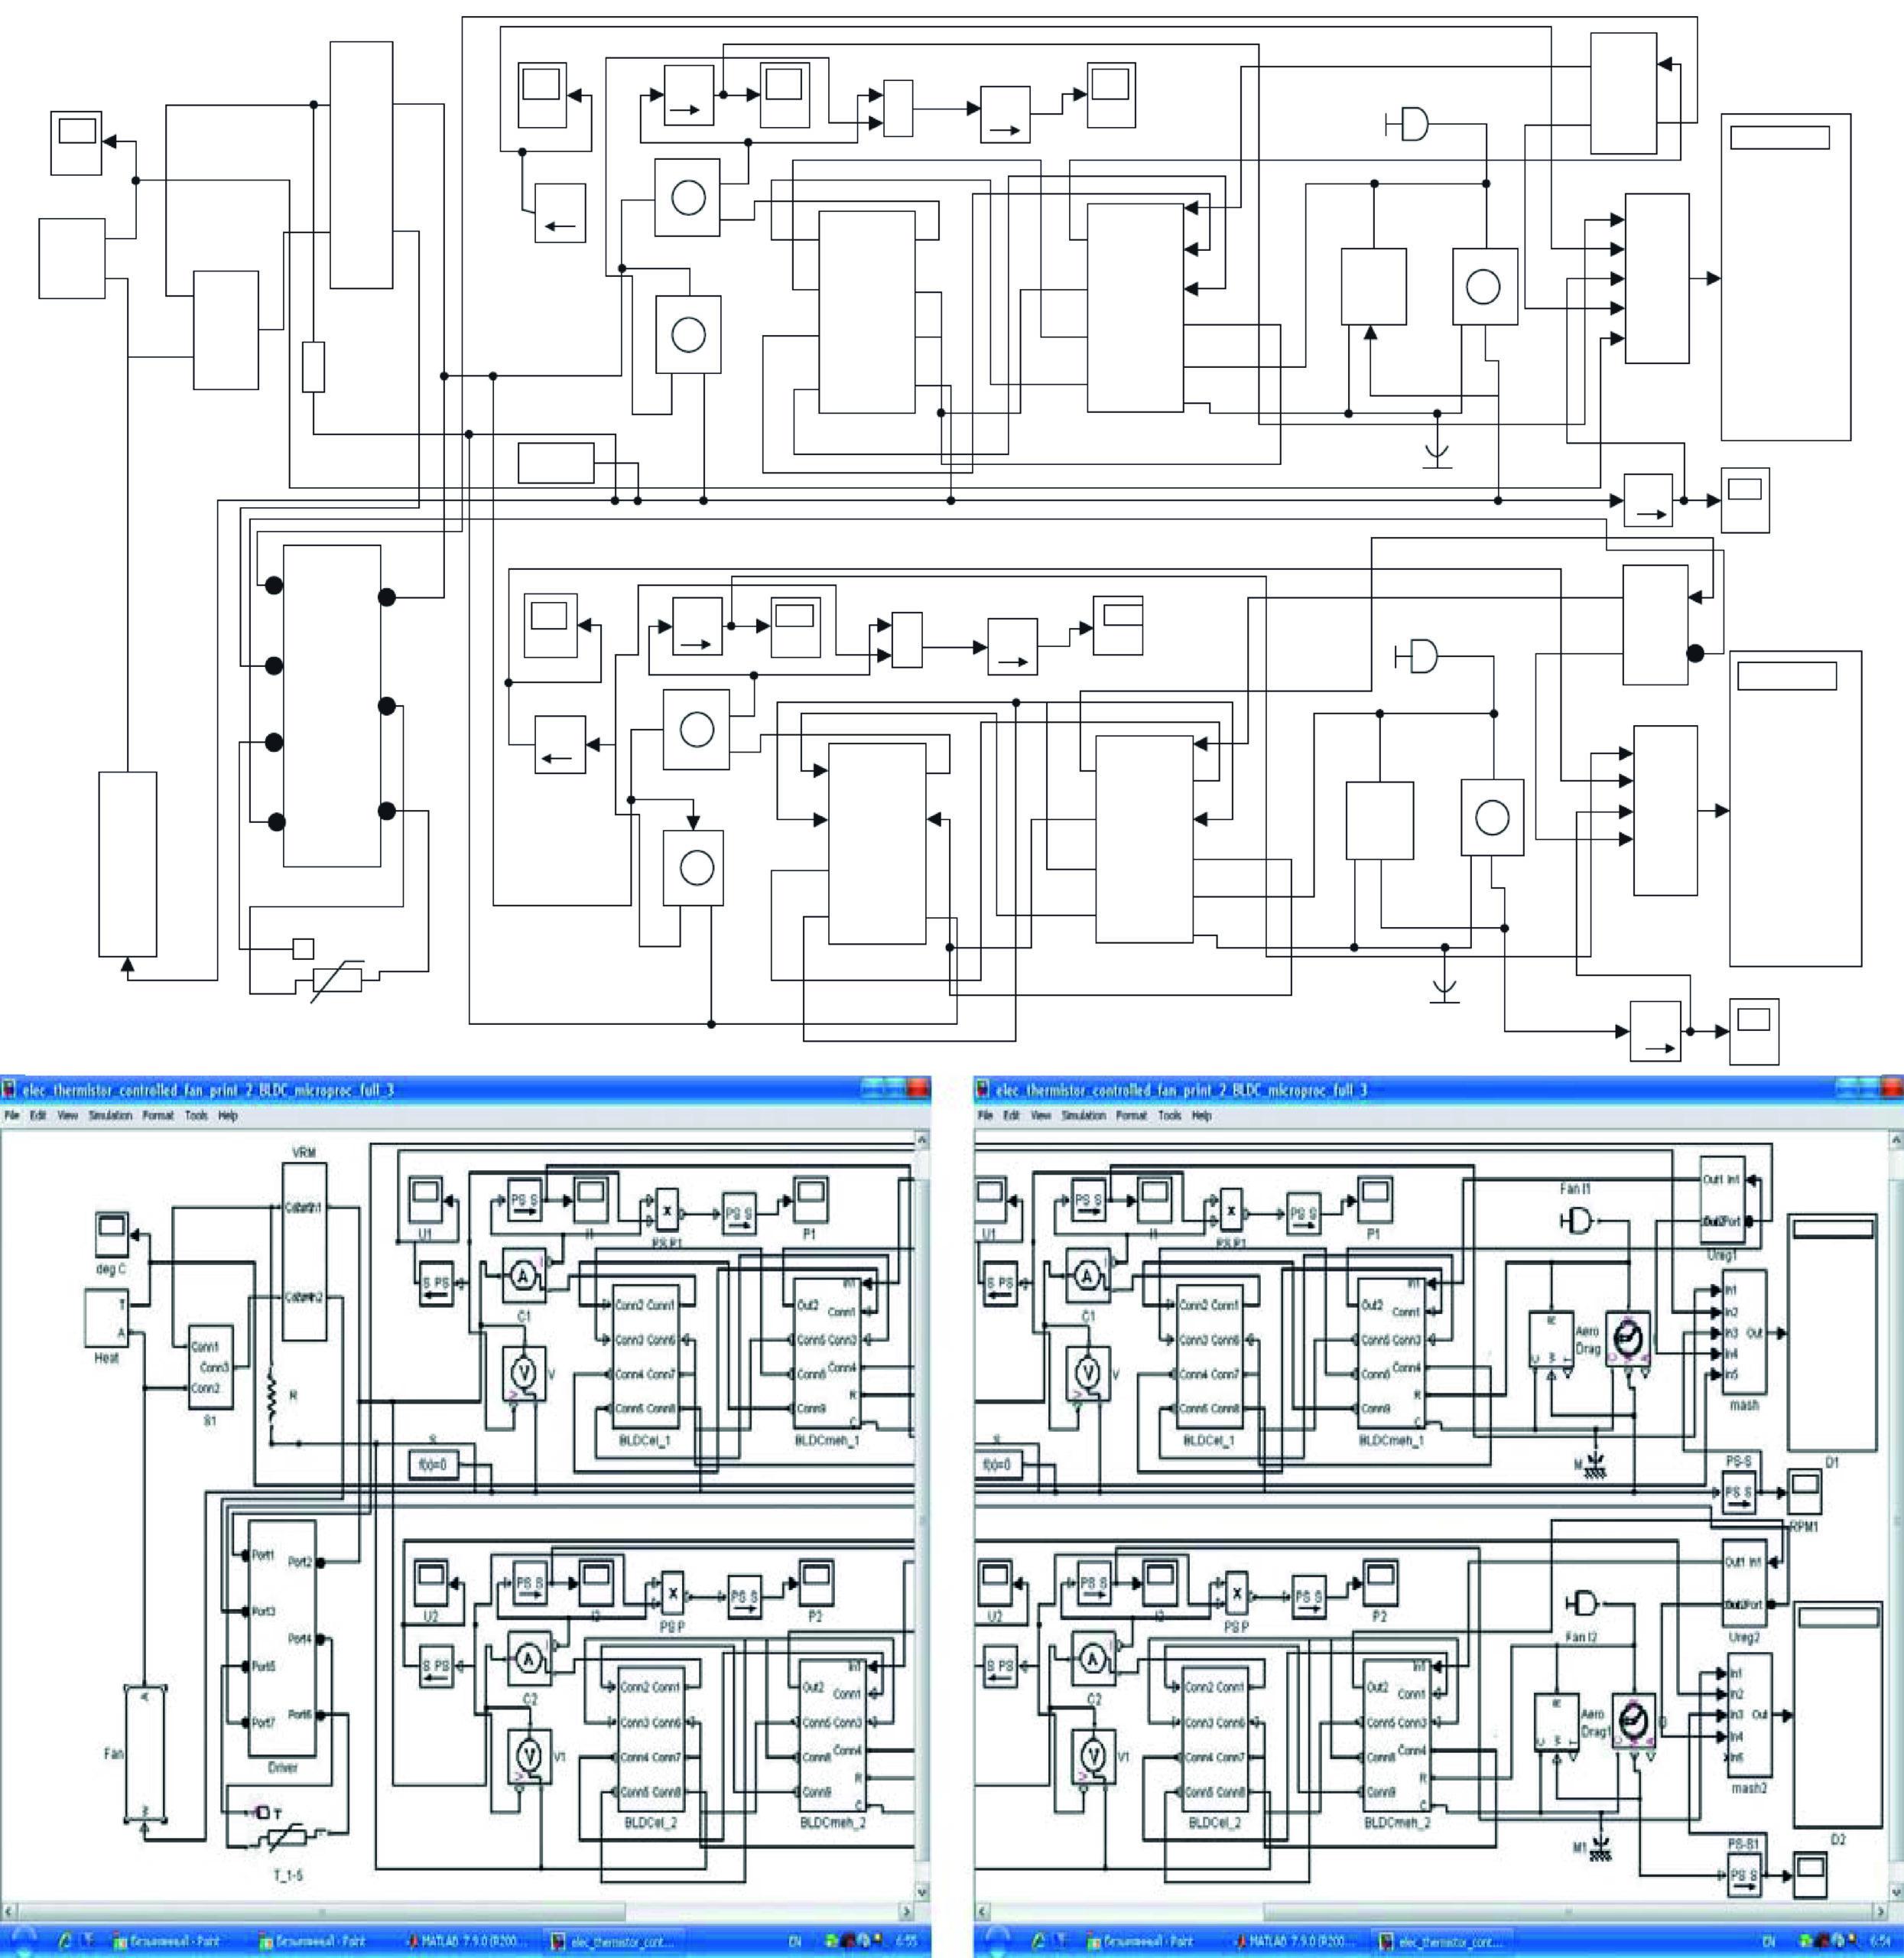 Виртуальная модель мехатронного модуля системы воздушного охлаждения элемента силового блока преобразователя на примере двухдвигательного привода на BLDC-электродвигателях